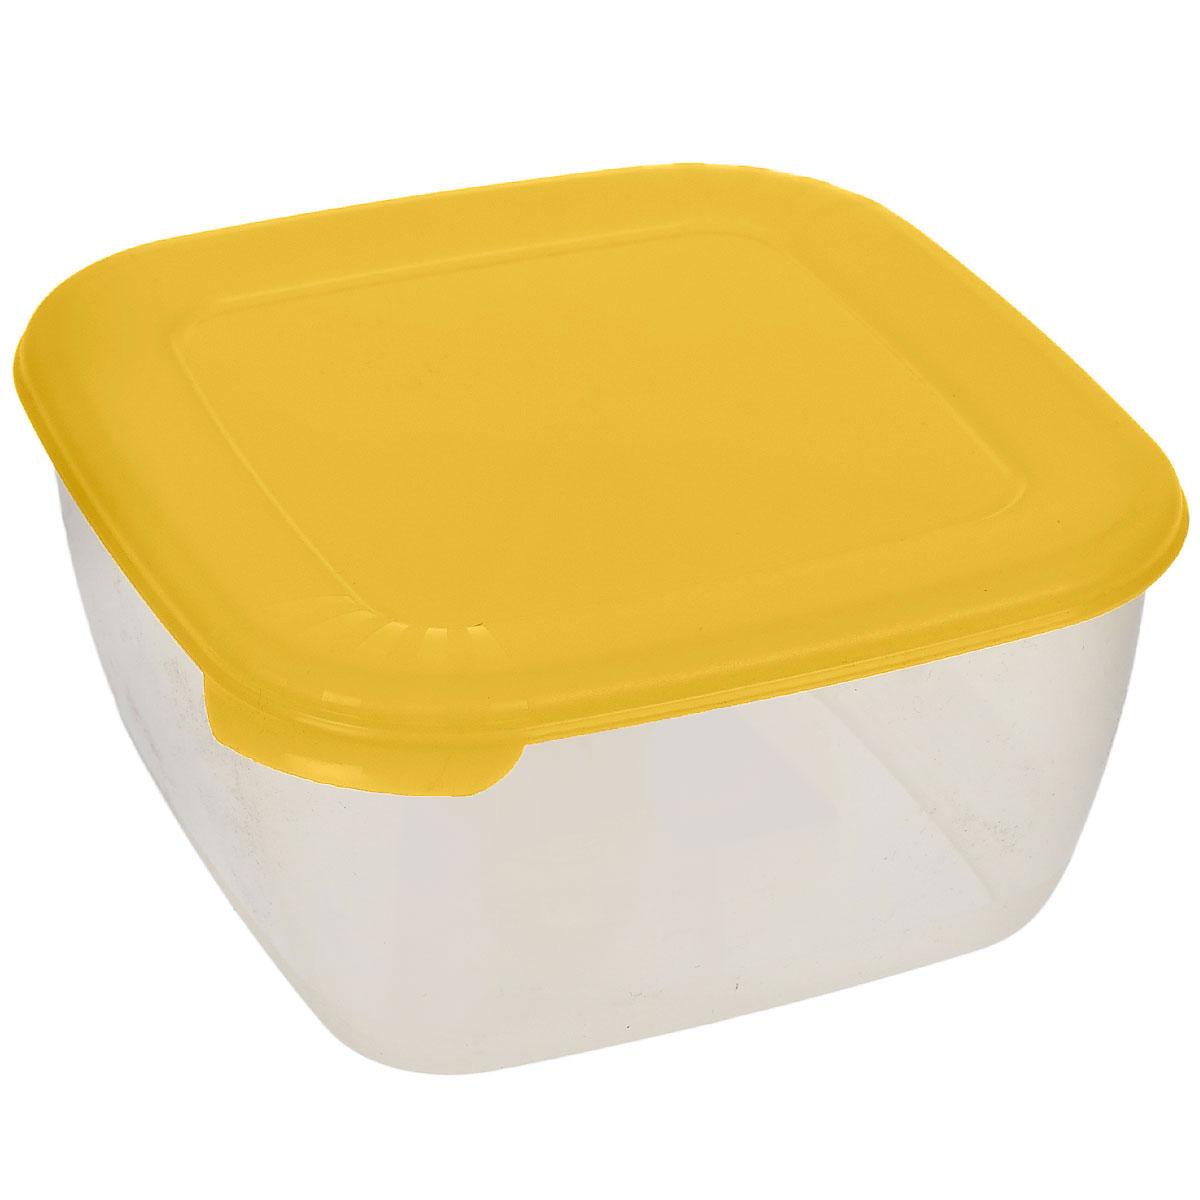 Контейнер для СВЧ Полимербыт Лайт, цвет: прозрачный, желтый, 950 млС541_желтыйКонтейнер Полимербыт Лайт квадратной формы, изготовленный из прочного пластика, предназначен специально для хранения пищевых продуктов. Крышка легко открывается и плотно закрывается. Контейнер устойчив к воздействию масел и жиров, легко моется. Прозрачные стенки позволяют видеть содержимое. Контейнер имеет возможность хранения продуктов глубокой заморозки, обладает высокой прочностью. Можно мыть в посудомоечной машине. Контейнер подходит для использования в микроволновой печи без крышки, а также для заморозки в морозильной камере.